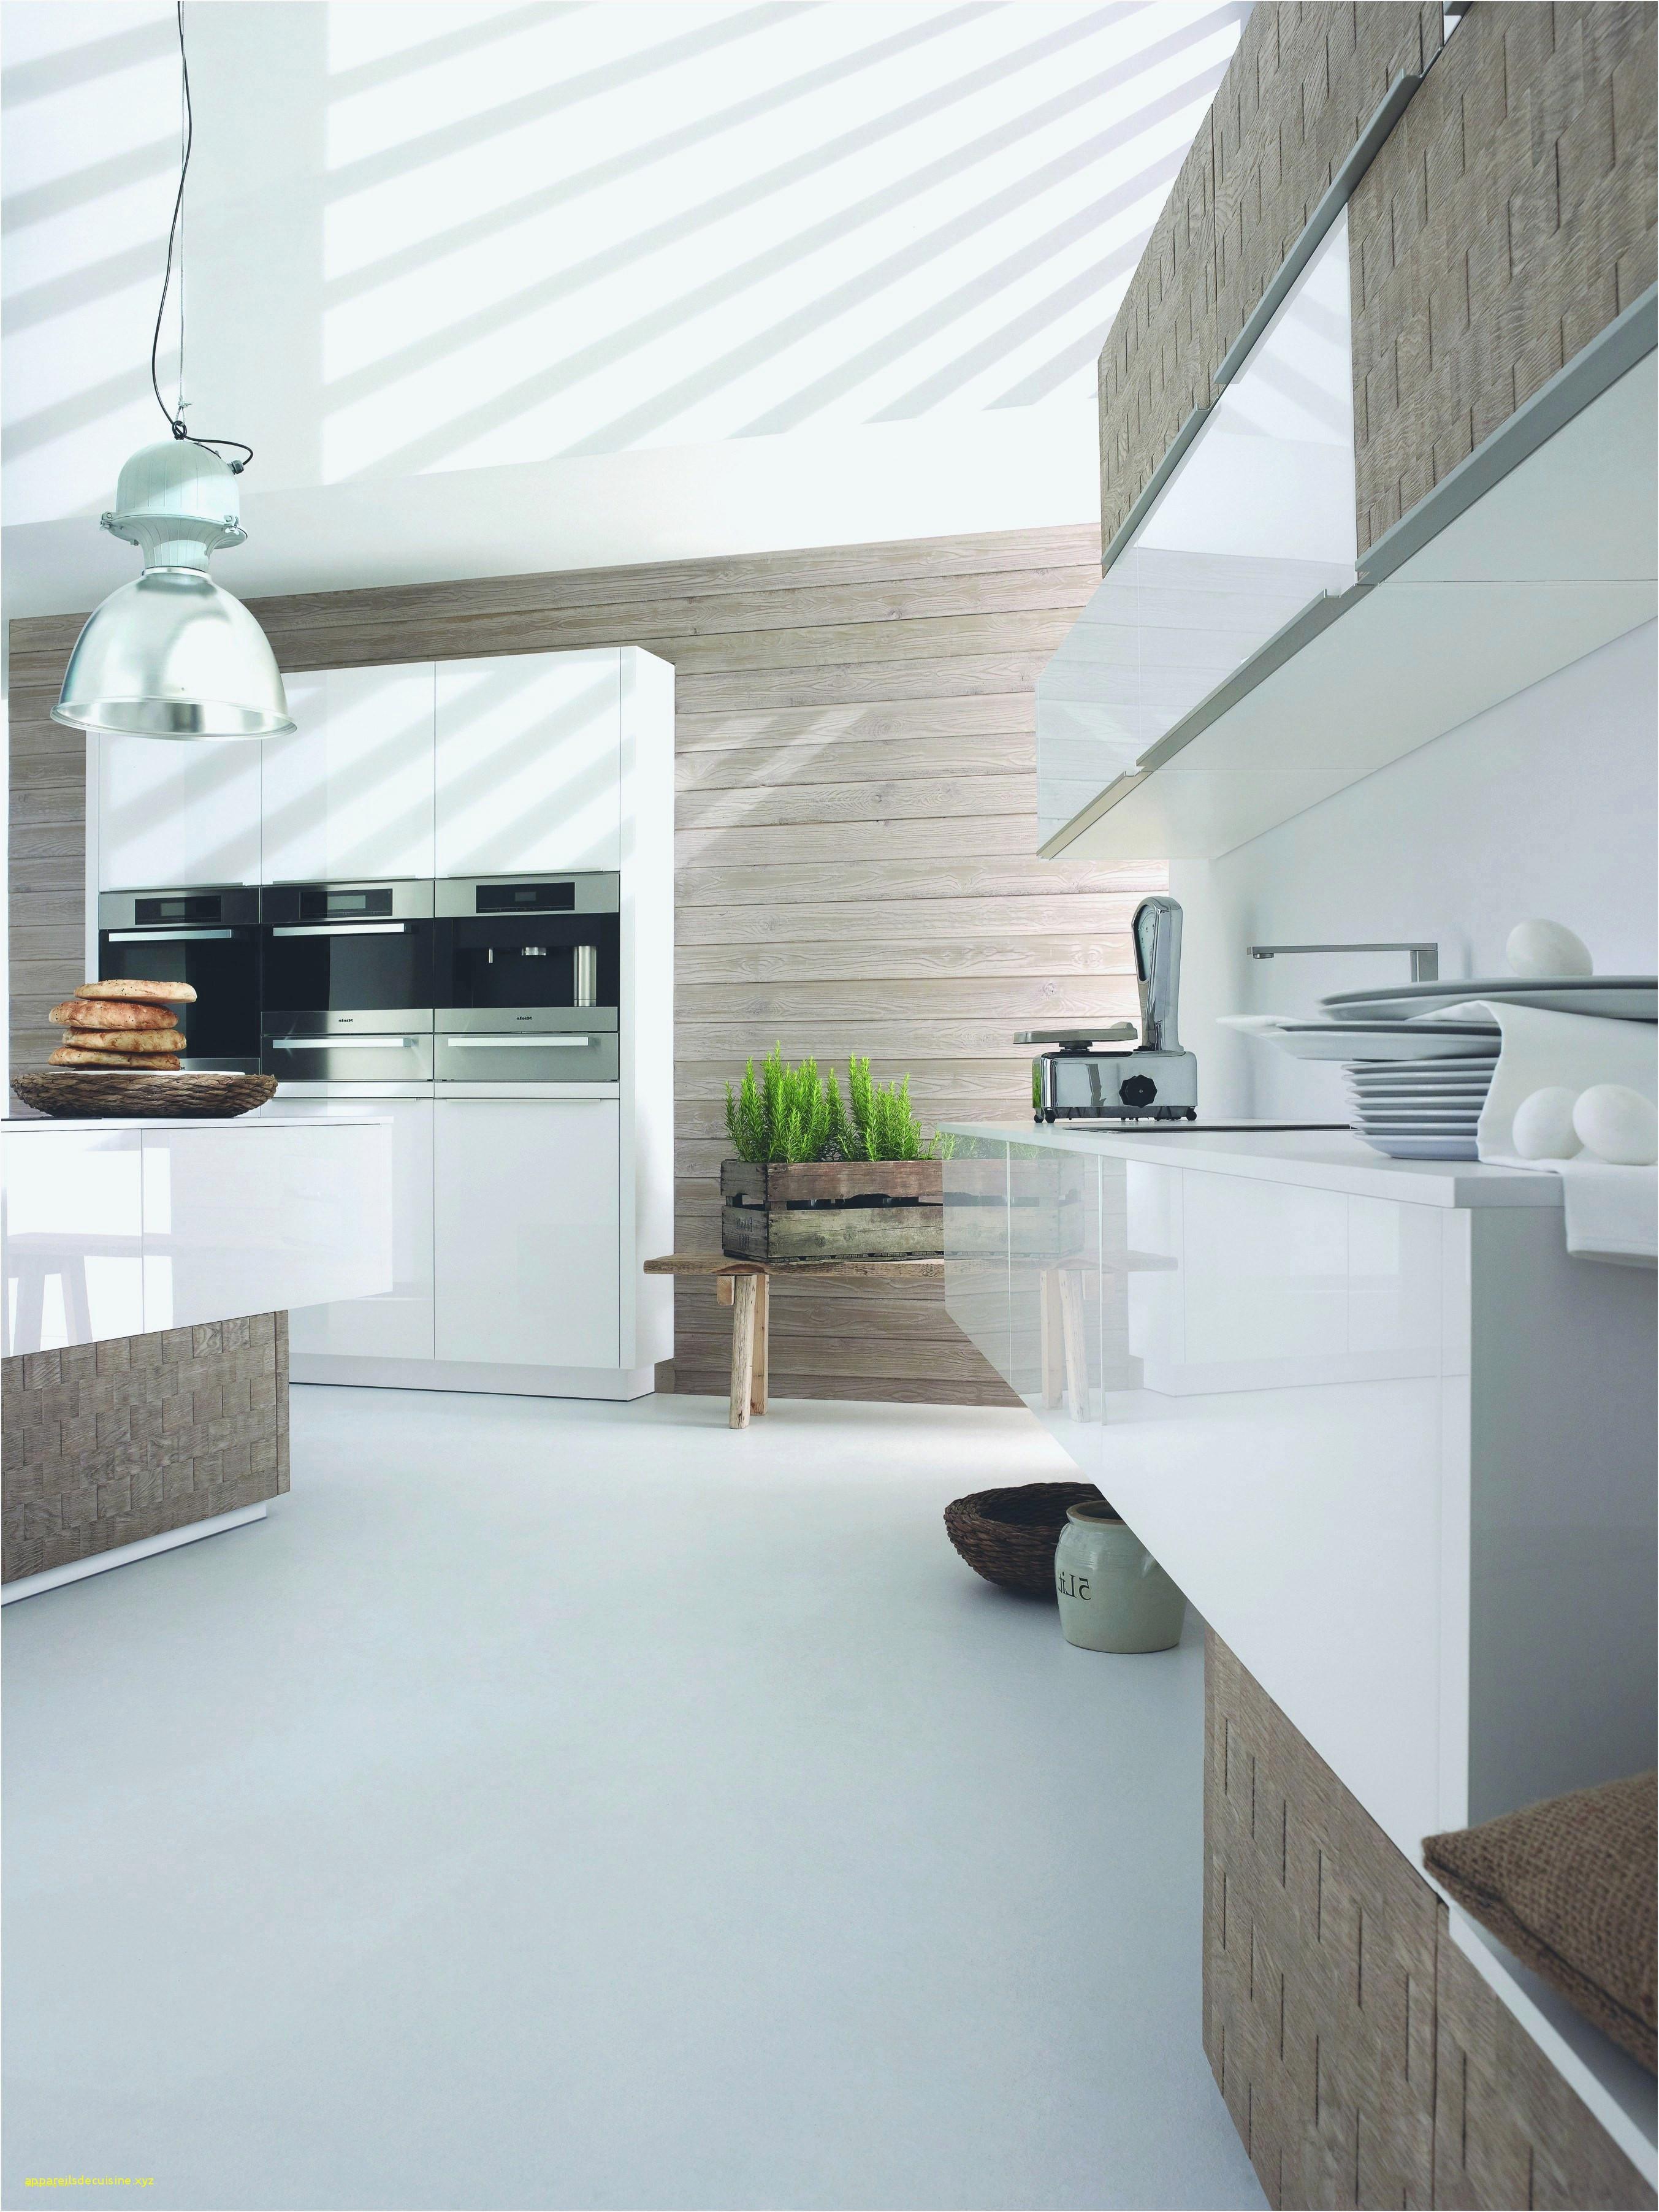 Carrelage Plan De Travail Cuisine 60x60 Impressionnant Galerie Peindre Plan De Travail Cuisine Charmant Carrelage Plan De Travail